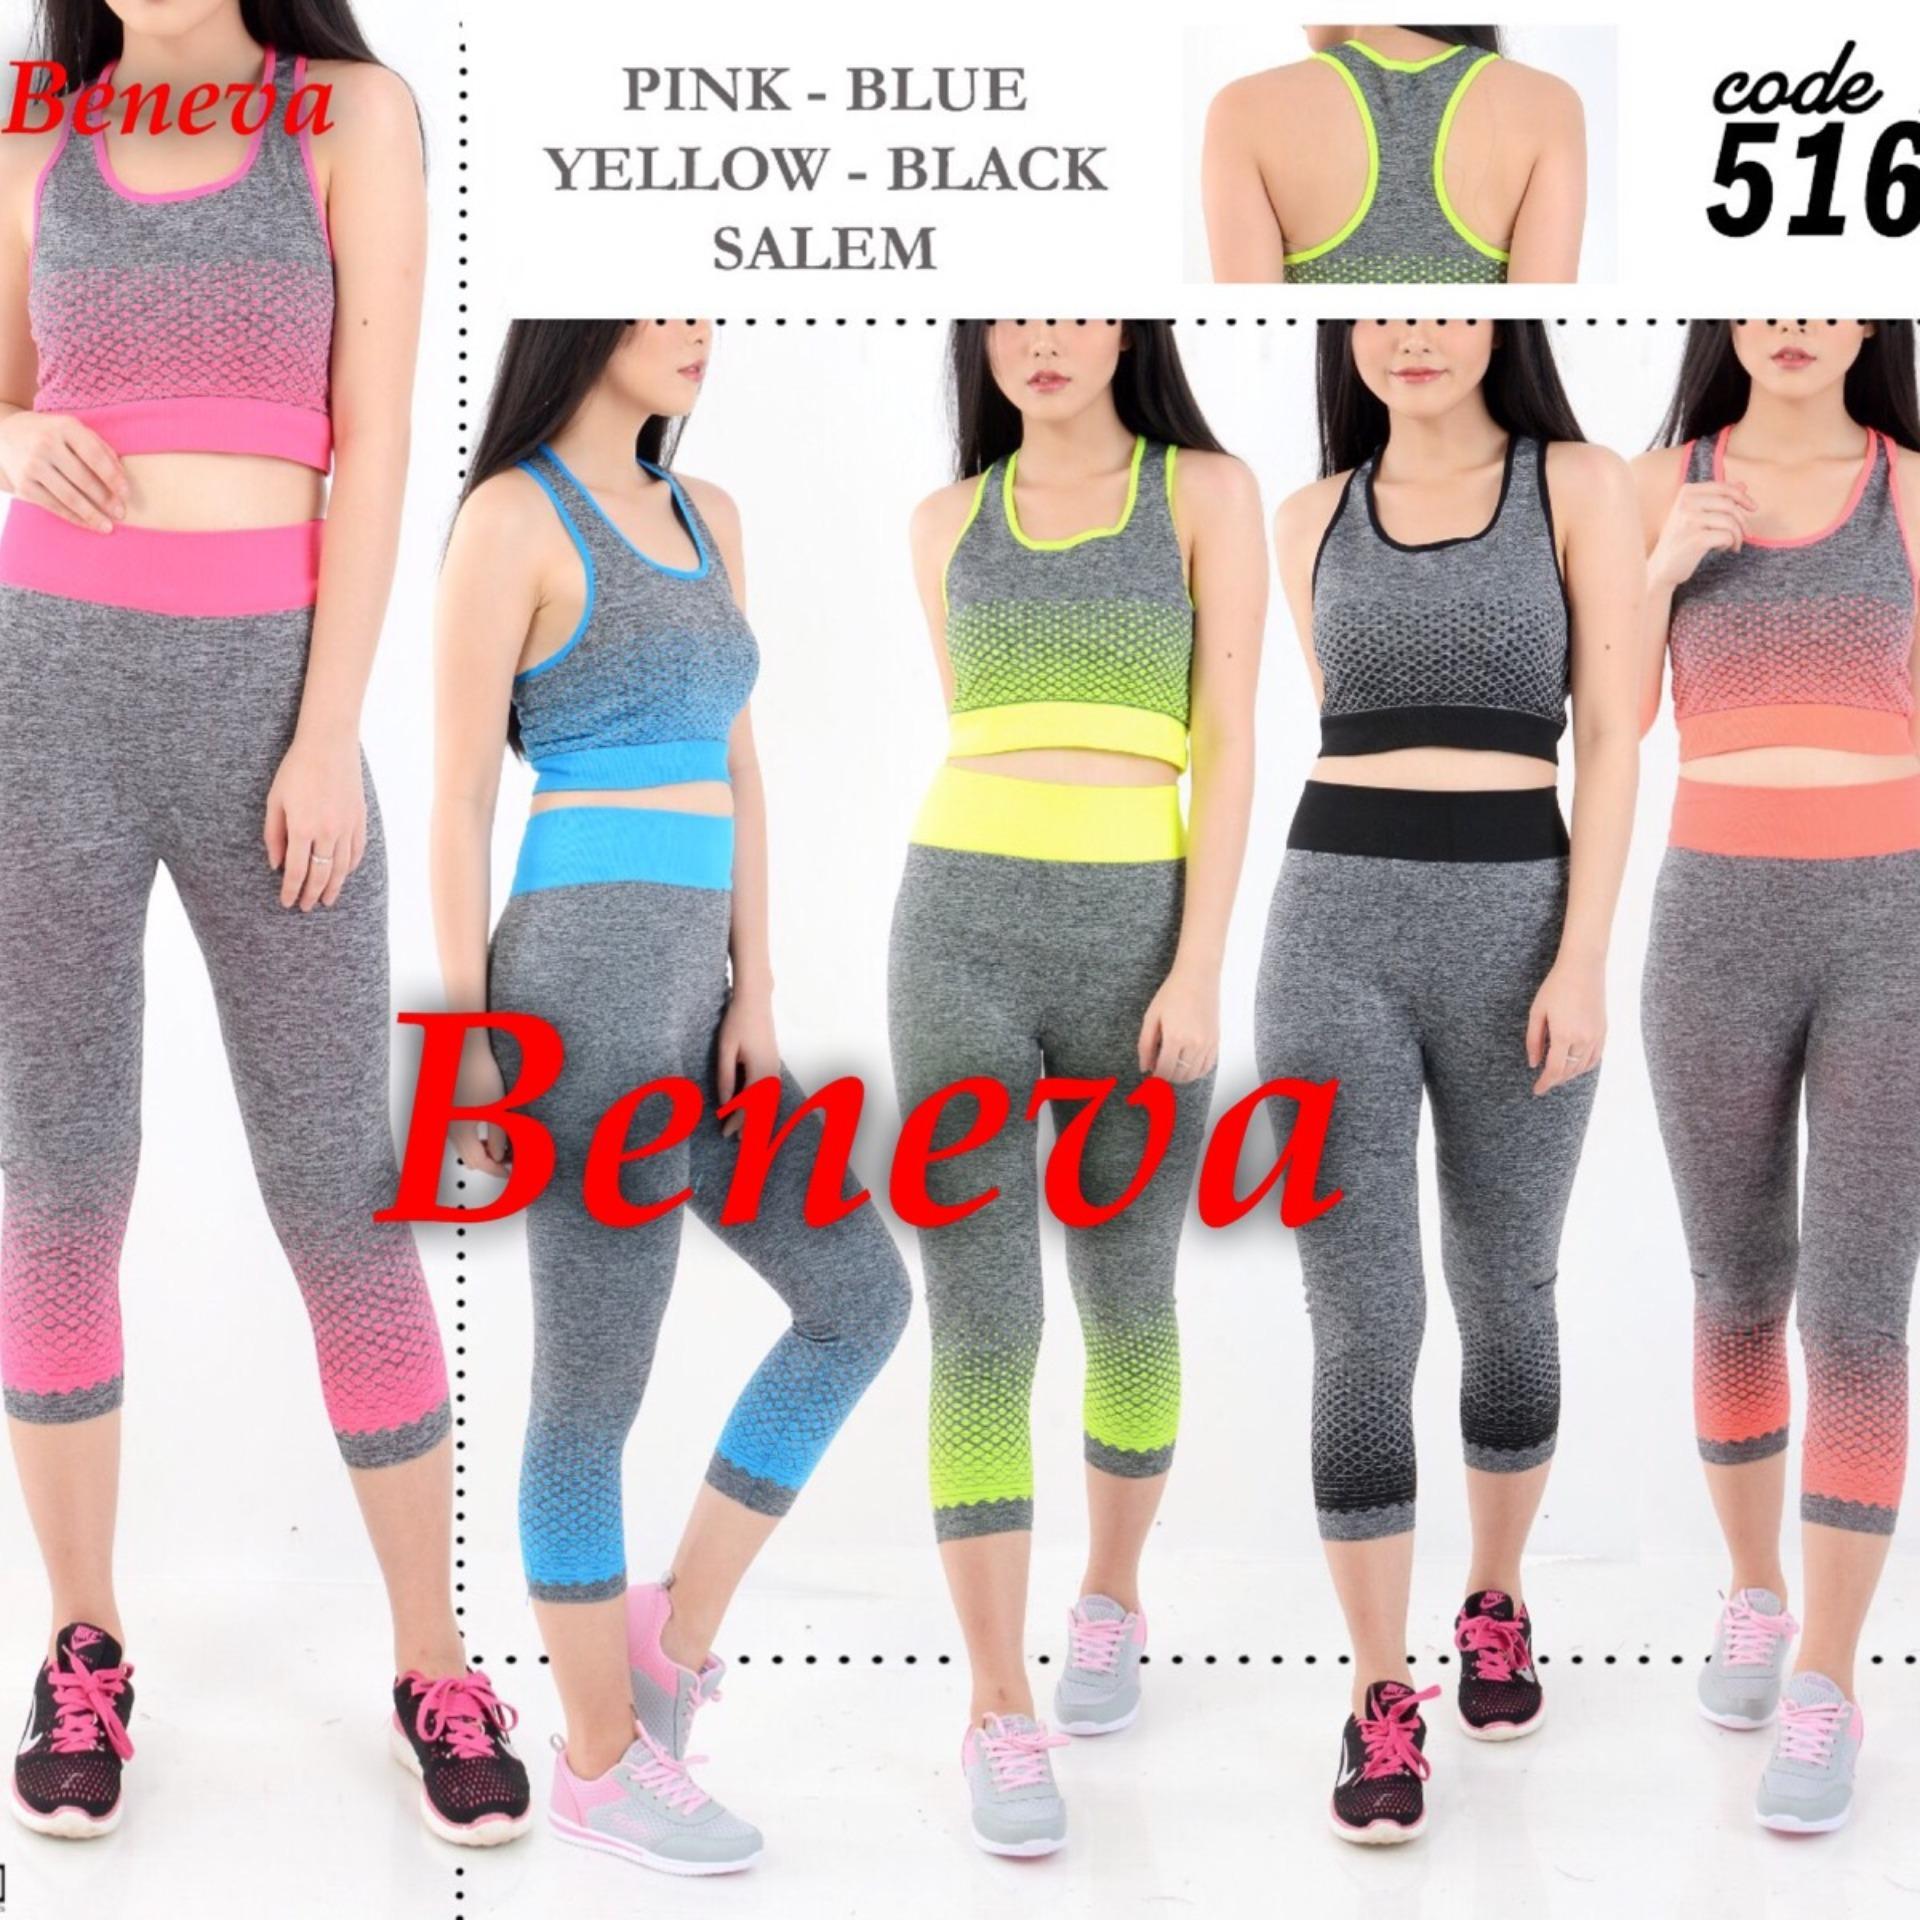 Top 10 Beneva Baju Senam Wanita Setelan Baju Senam Wanita Atasan Bawahan Sport Jogging Training Gym Online